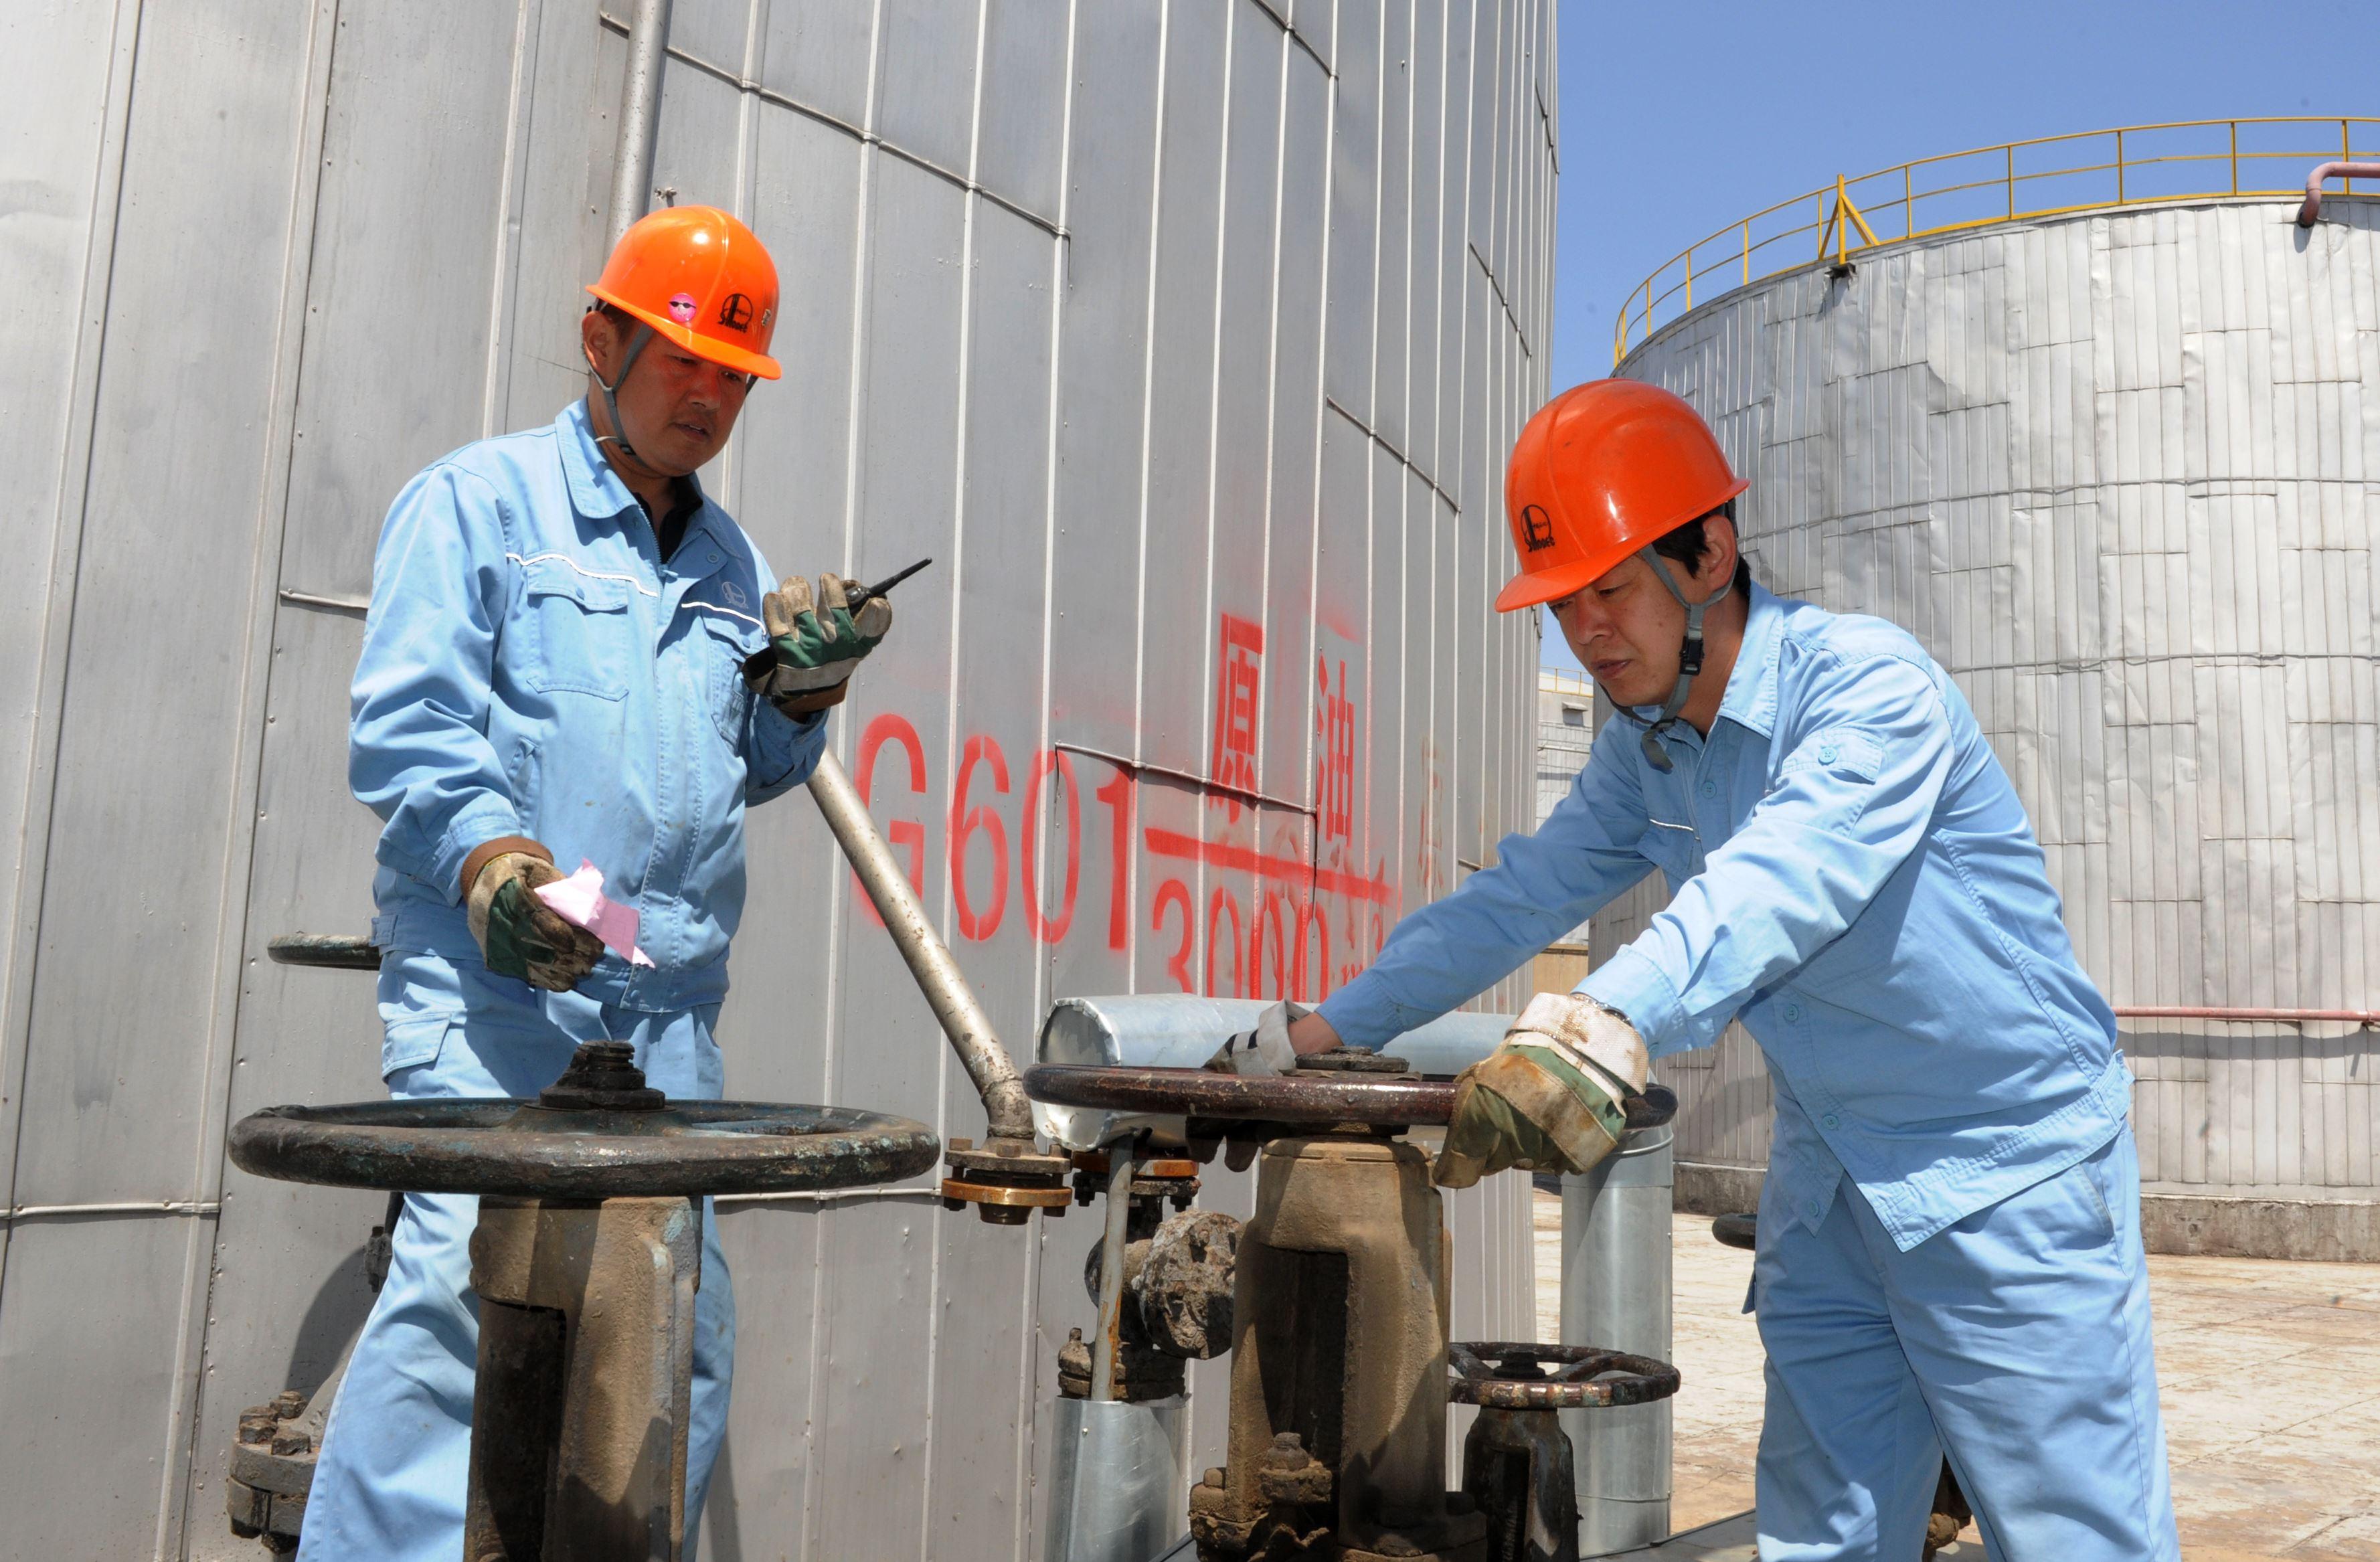 油品车间认真做好夏季安全生产现场安全隐患排查工作,不留死角,确保油品罐区安全平稳运行